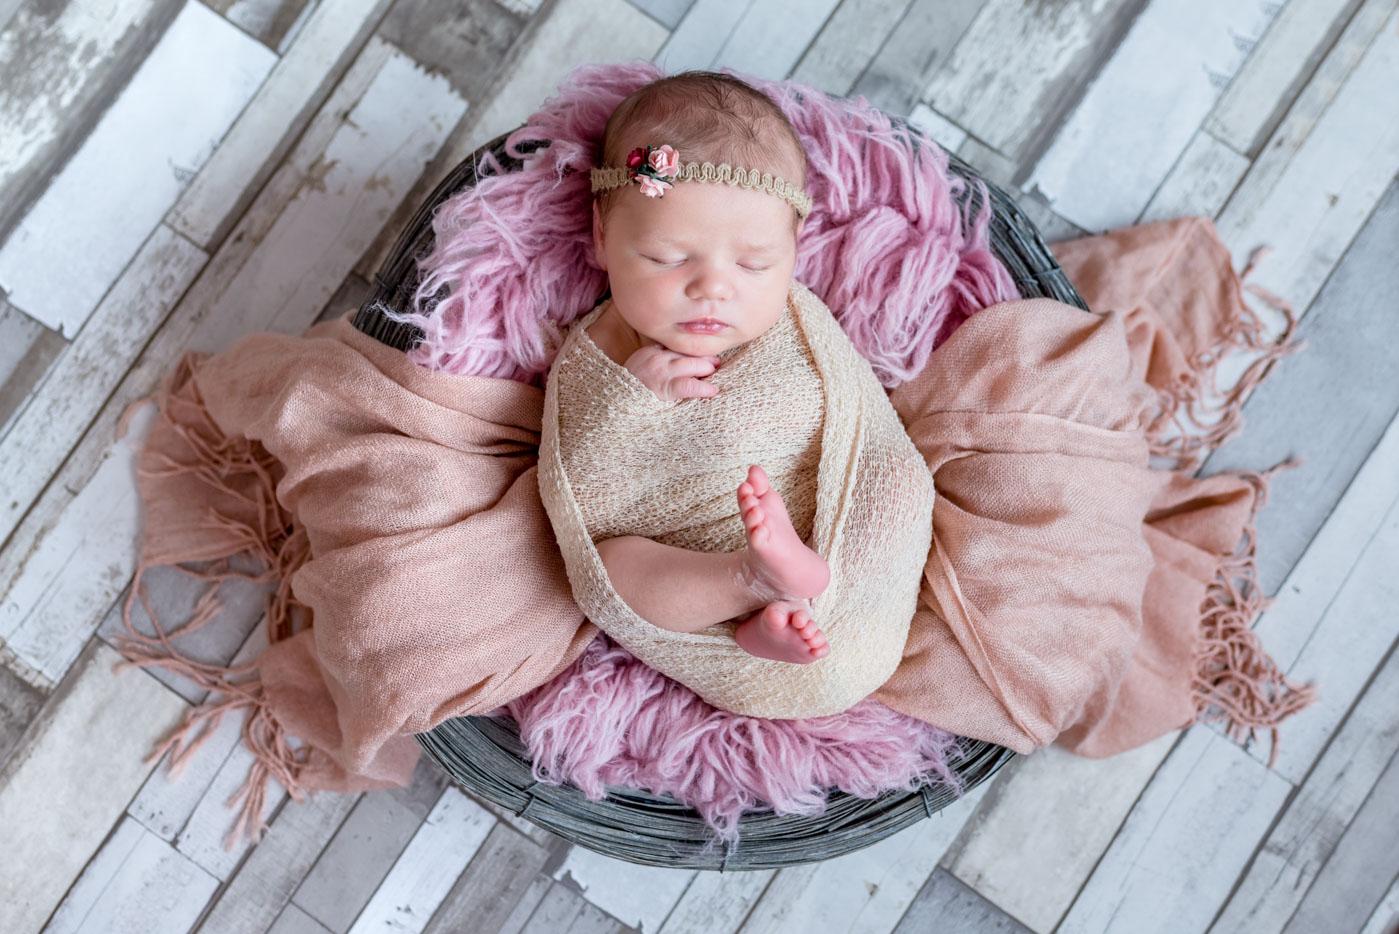 Shanone naissance 22.07.17 1400px--1